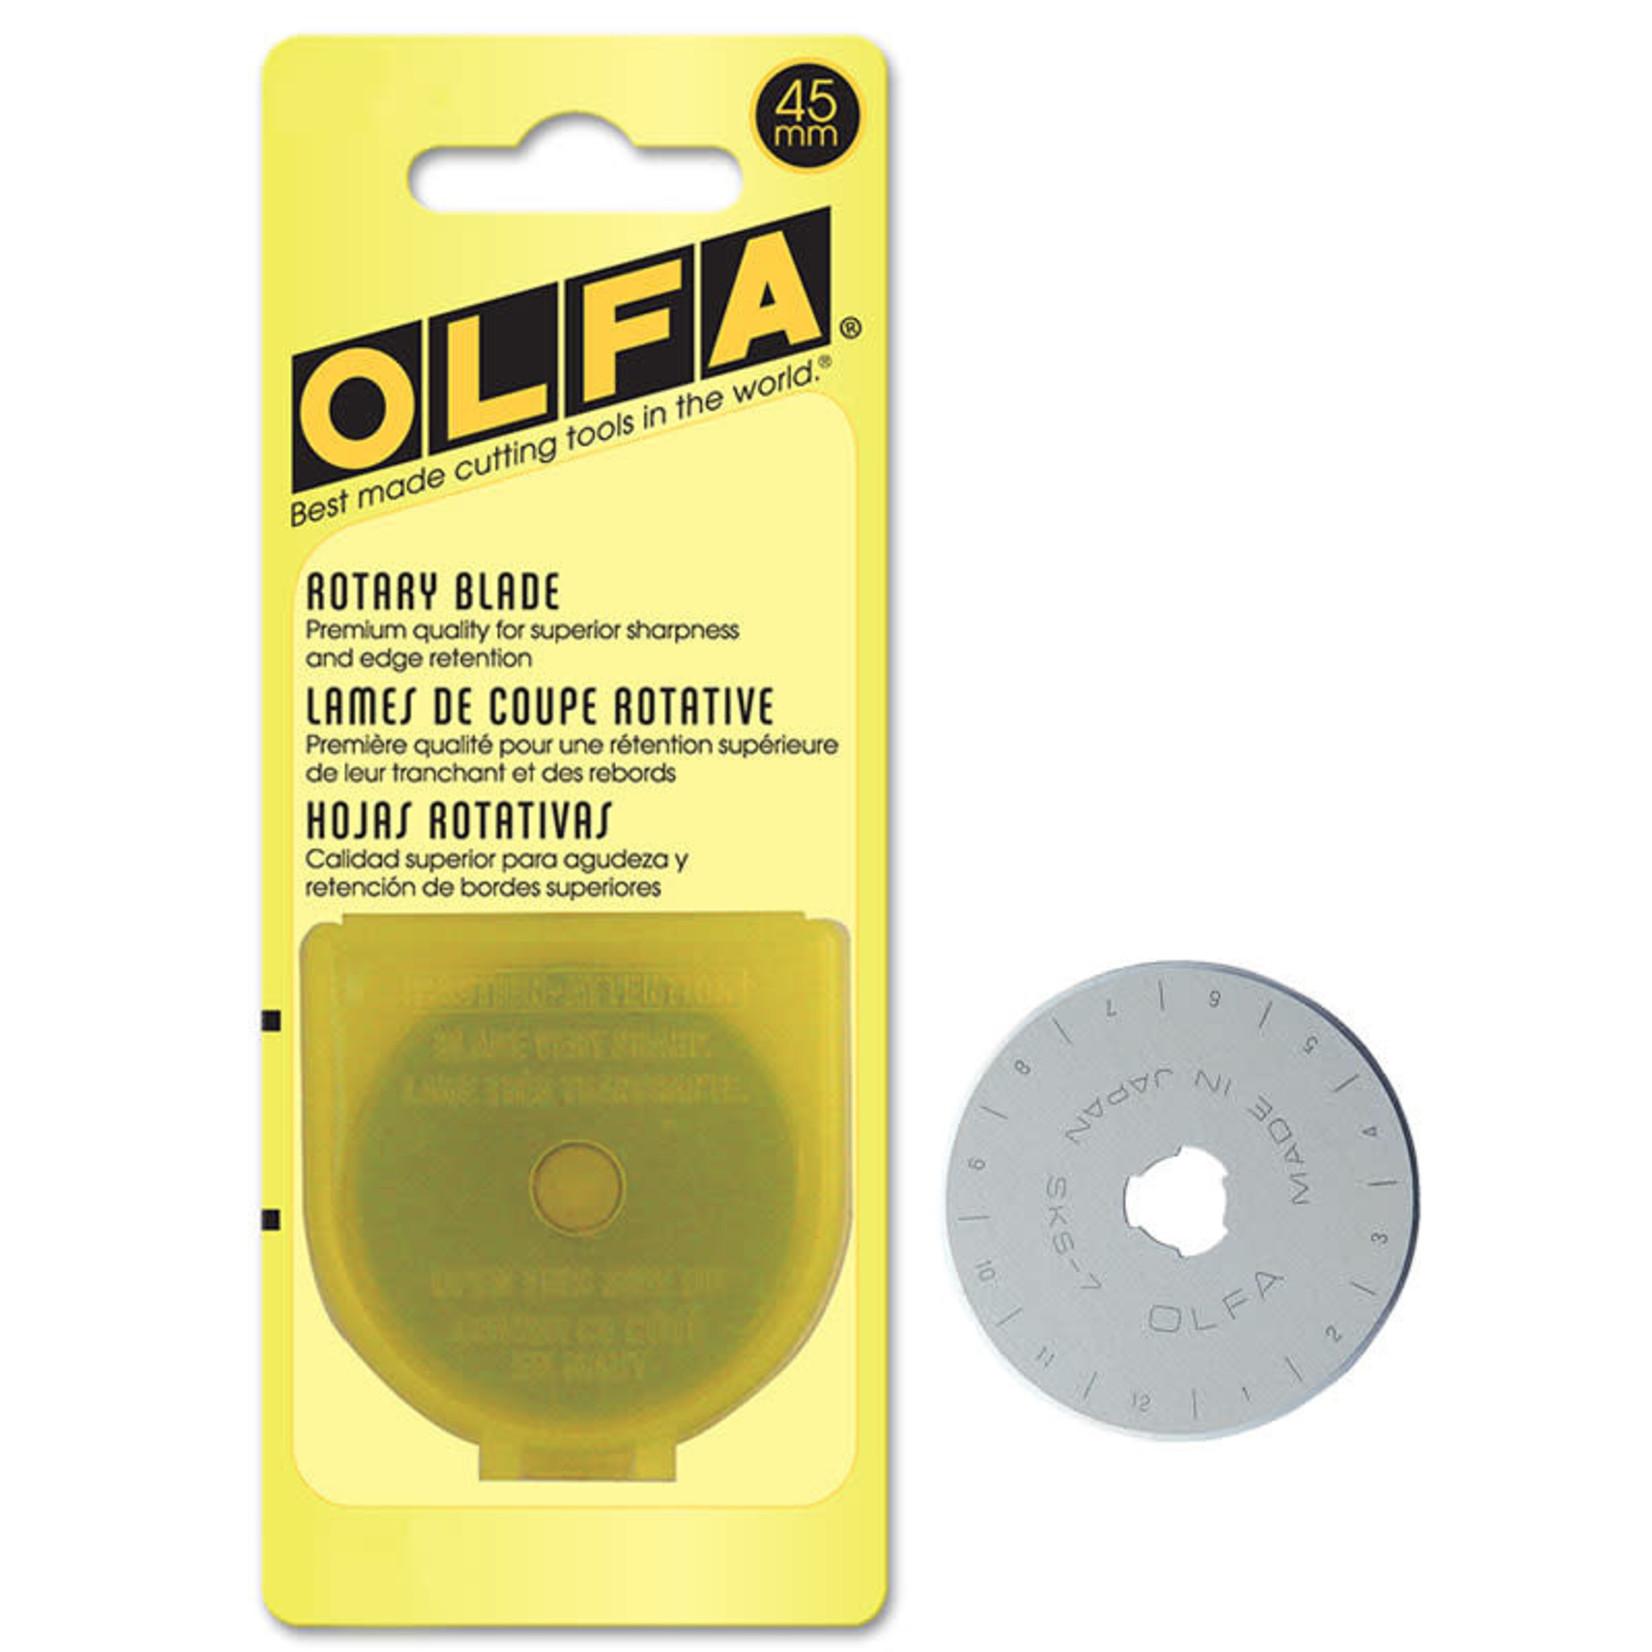 OLFA OLFA 45MM ROTARY BLADE (1 pack)